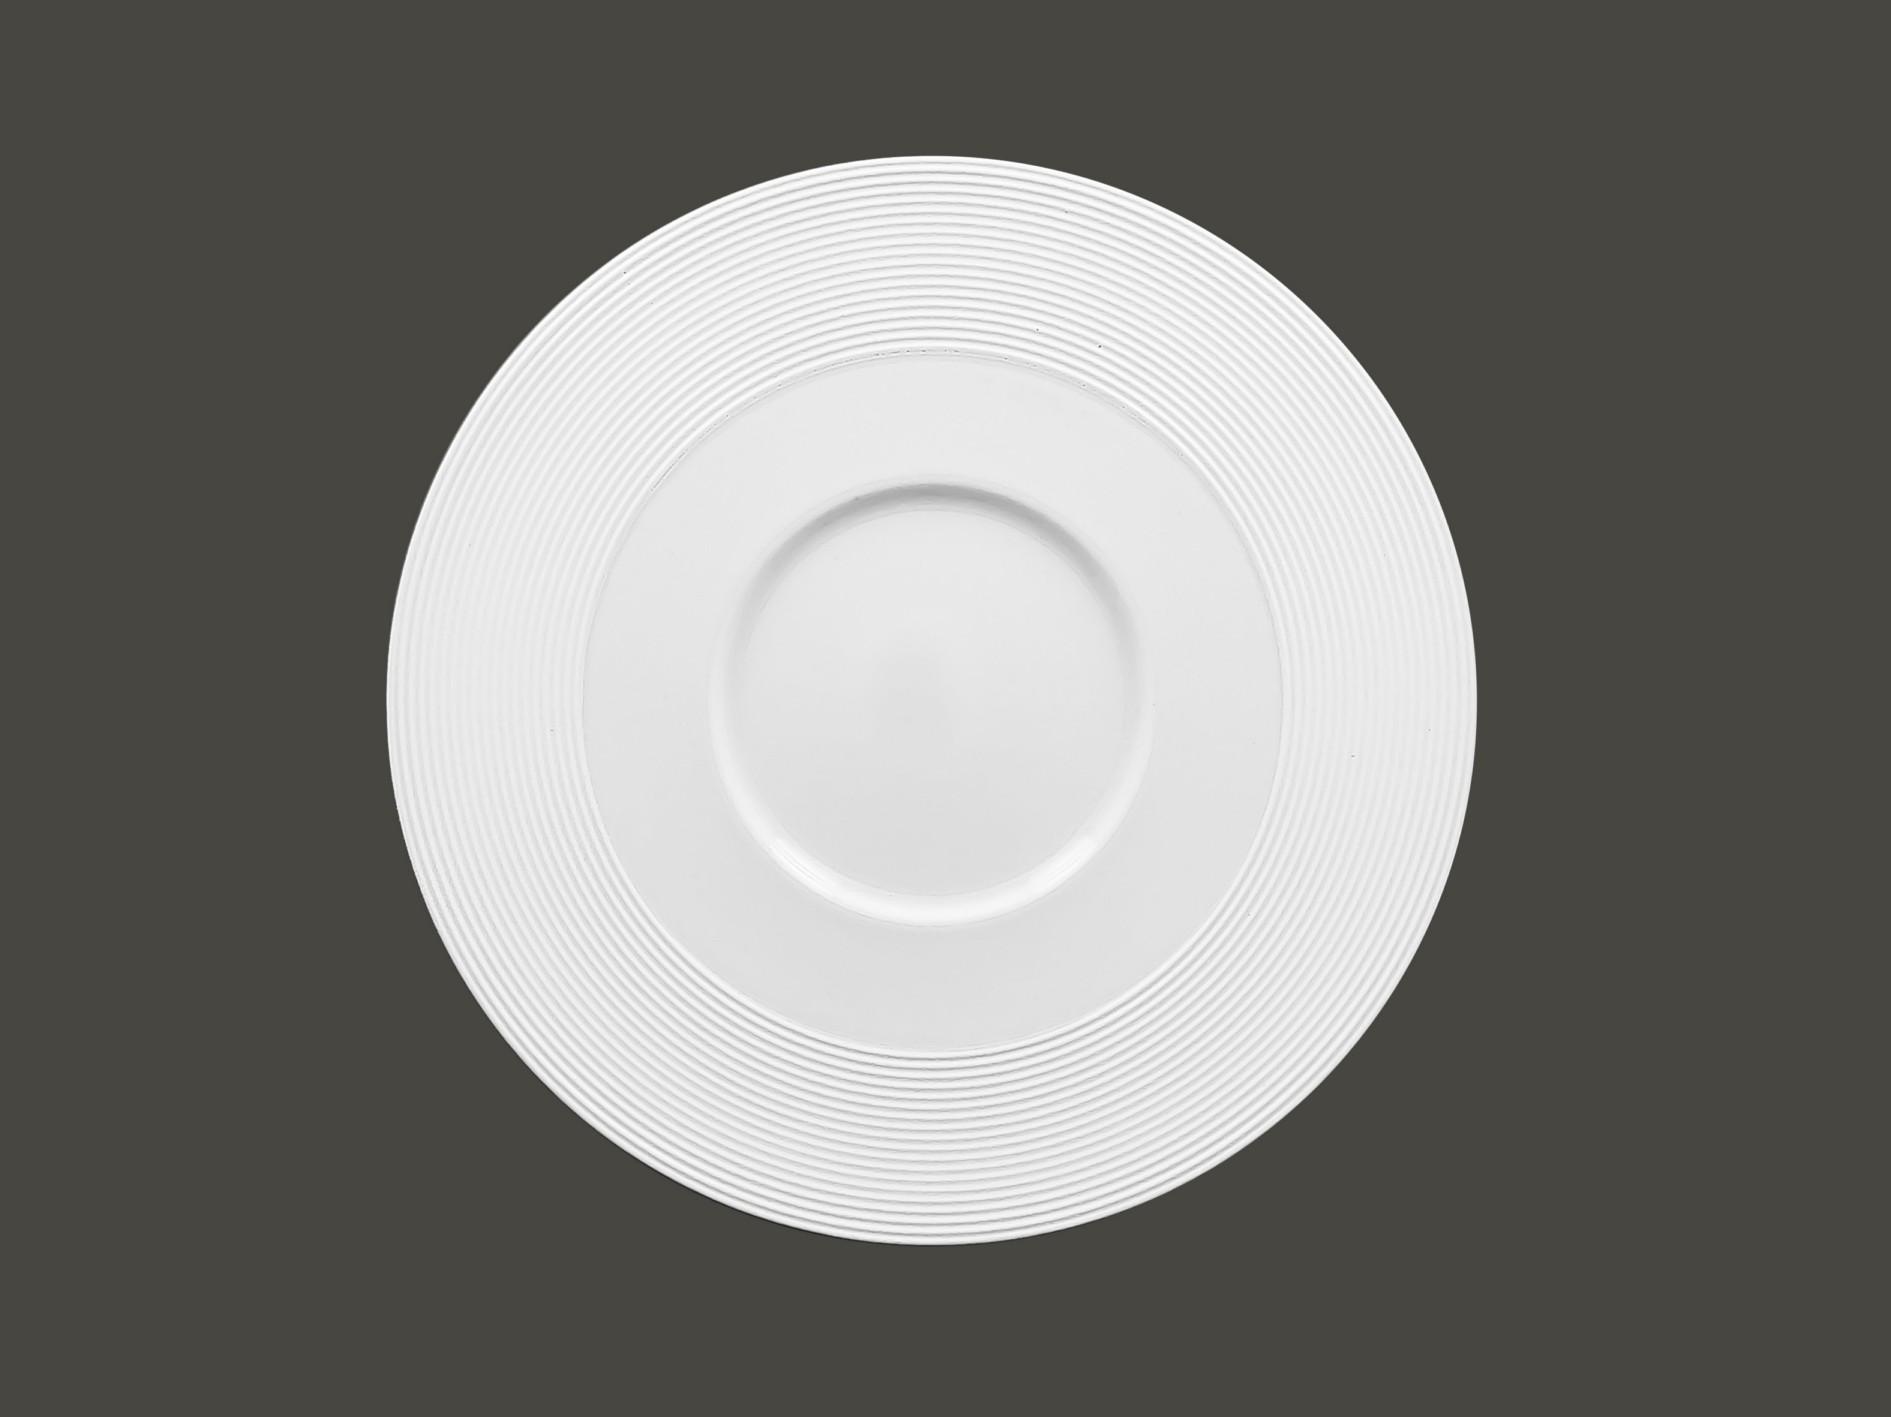 Gourmet mělký talíř Evolution